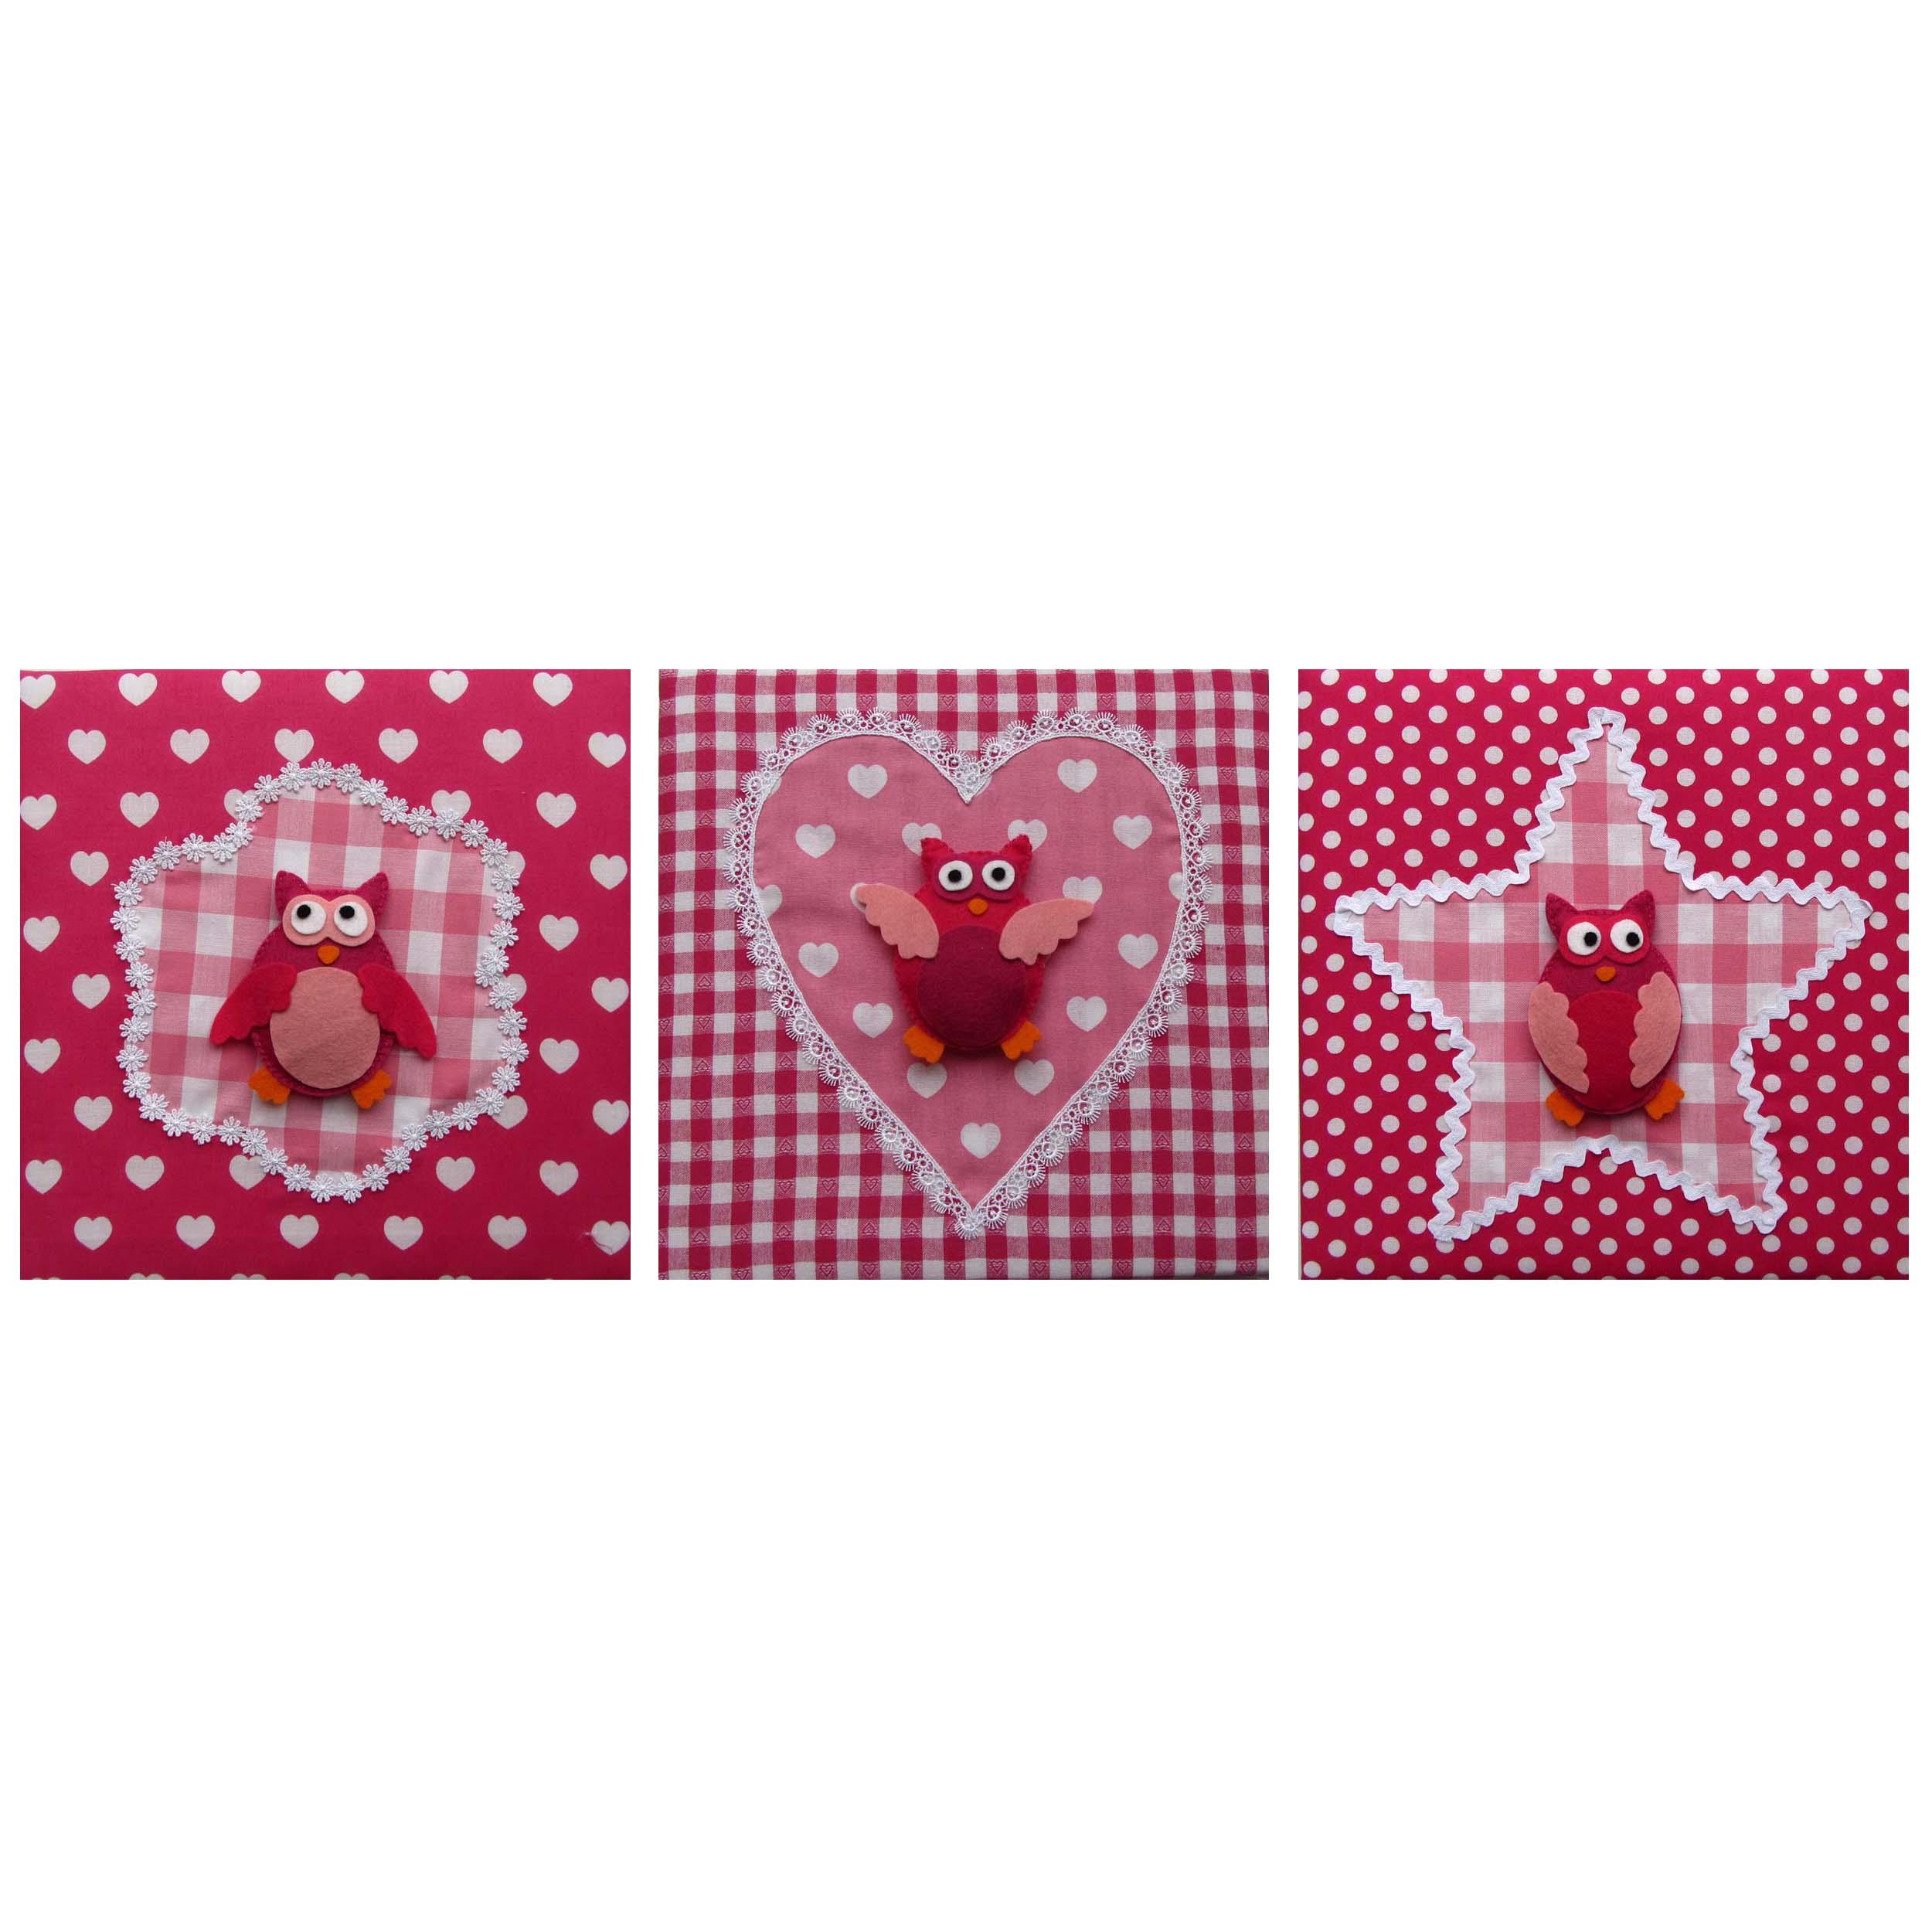 Stoffen schilderij babykamer uil in fuchsia en roze - Babykamer schilderij idee ...